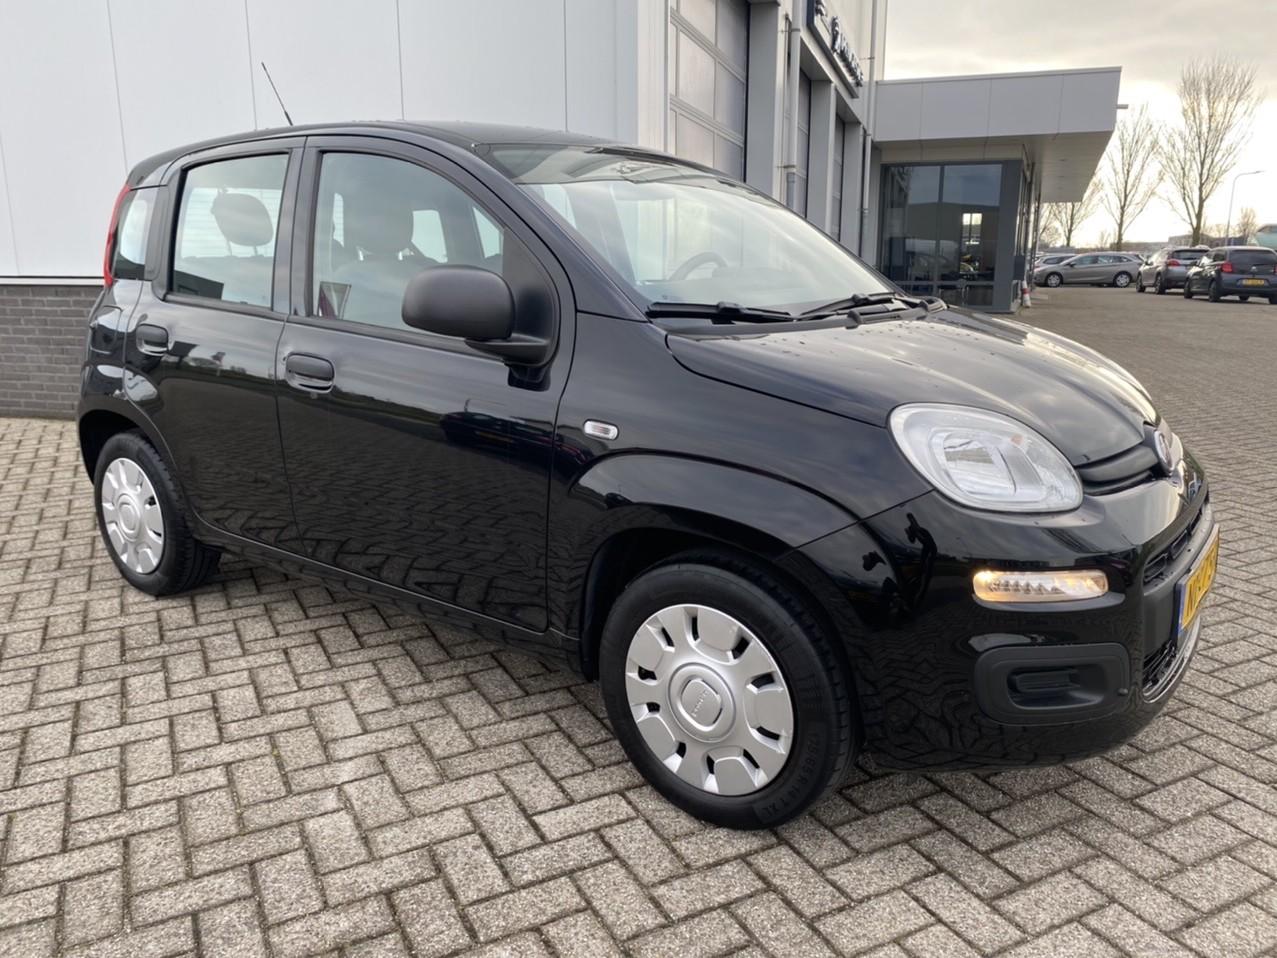 Fiat Panda 1.2 69pk popstar rijklaar prijs